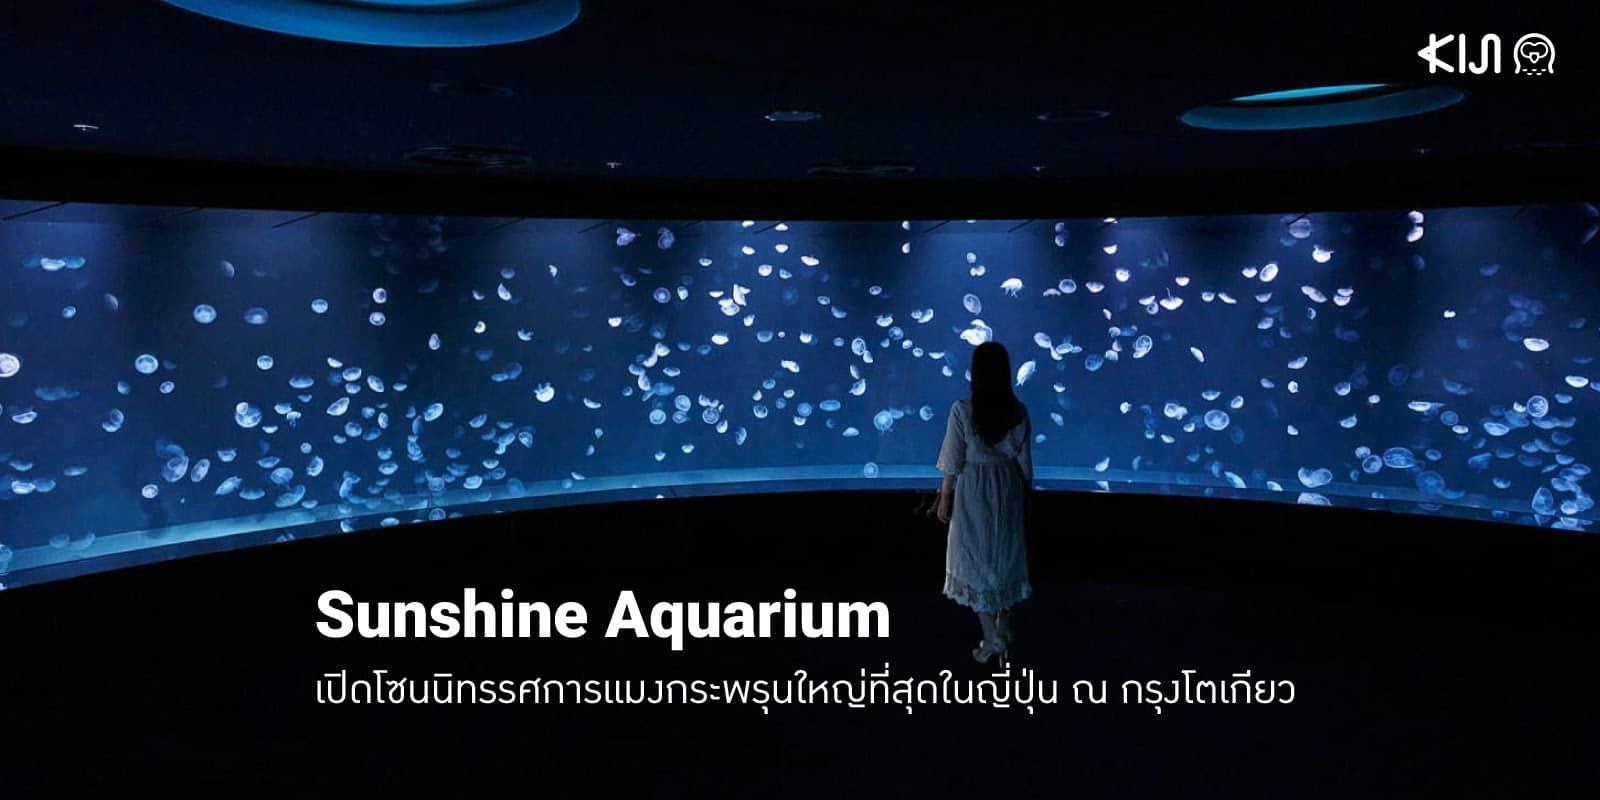 เที่ยวโตเกียว Sunshine Aquarium